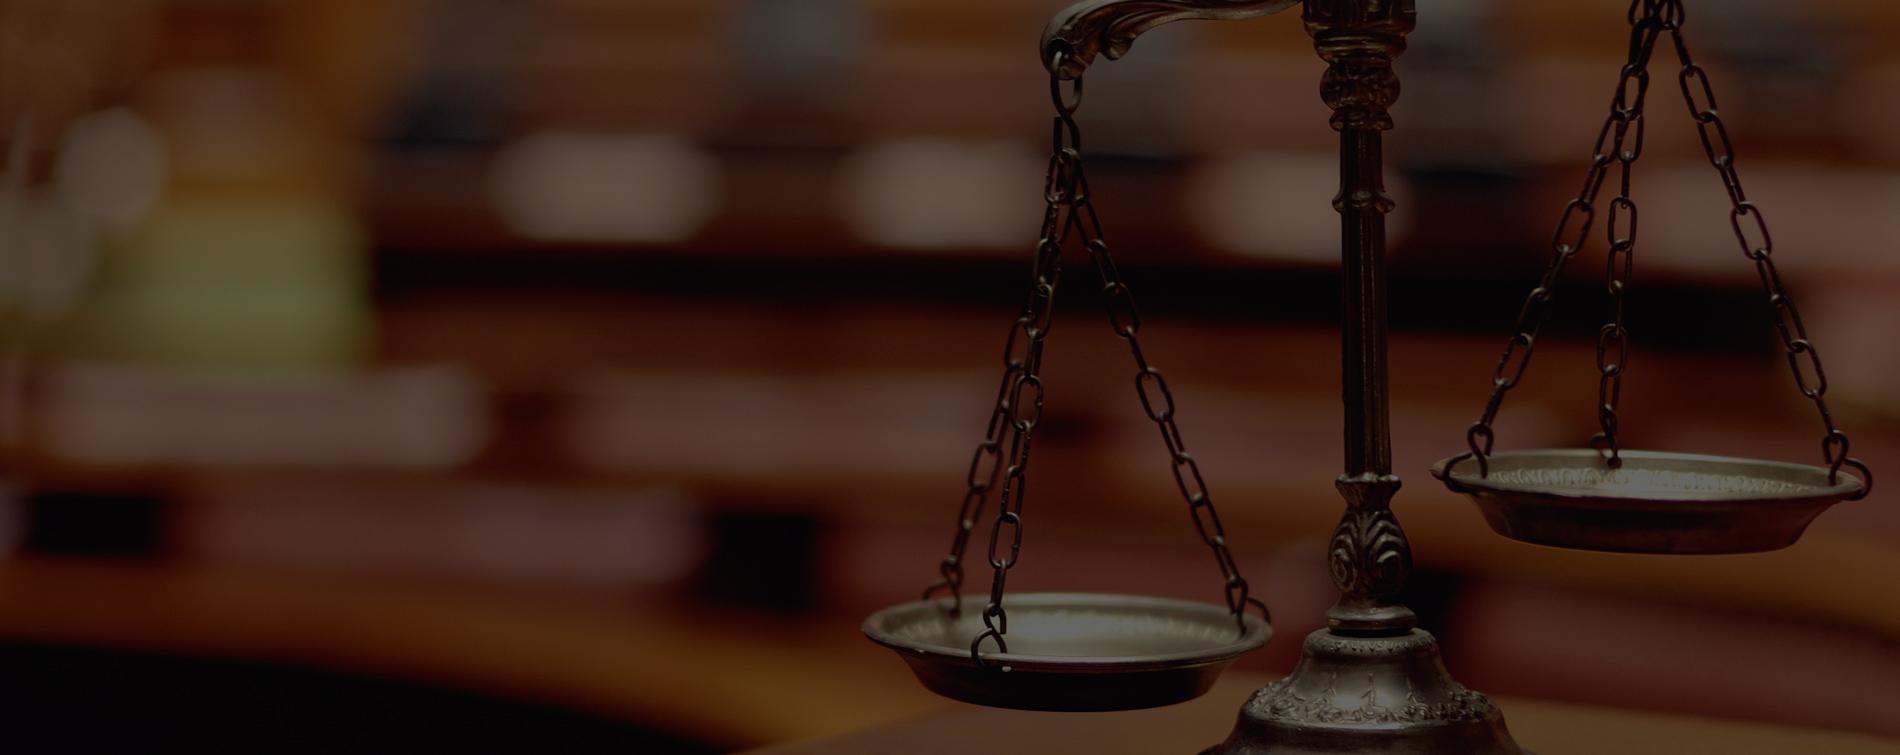 Usvojena Uredba O Izmjenama I Dopunama Uredbe O Postupku Prijema U Radni Odnos U Javnom Sektoru U FBiH